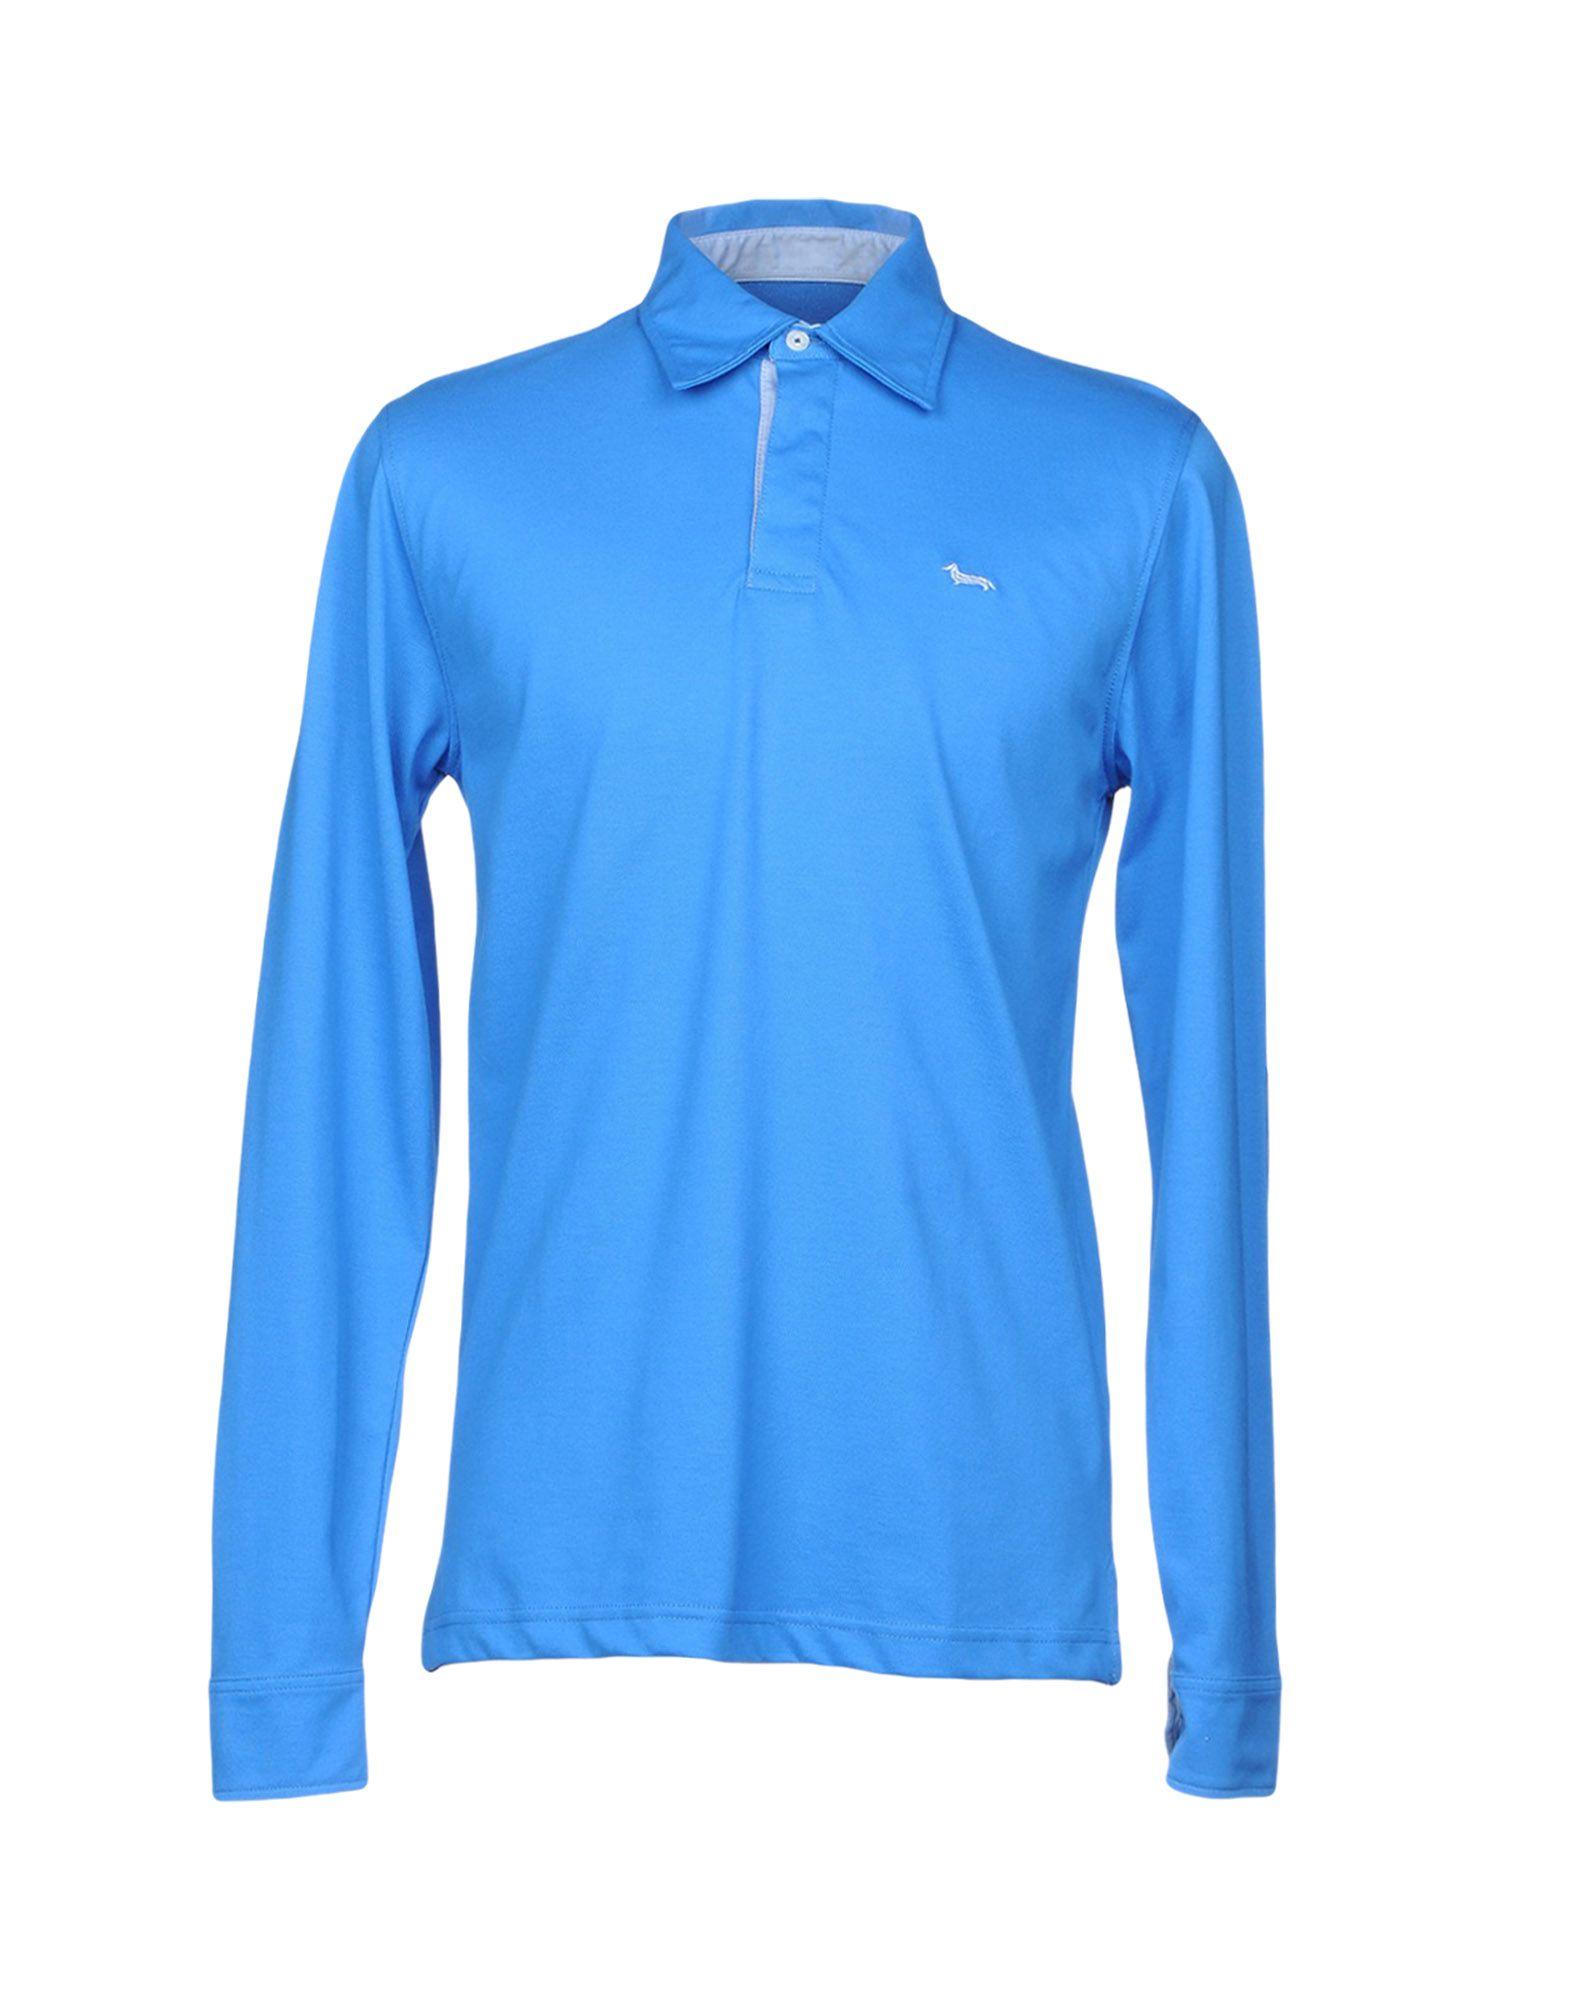 HARMONT&BLAINE Herren Poloshirt Farbe Blau Größe 9 jetztbilligerkaufen